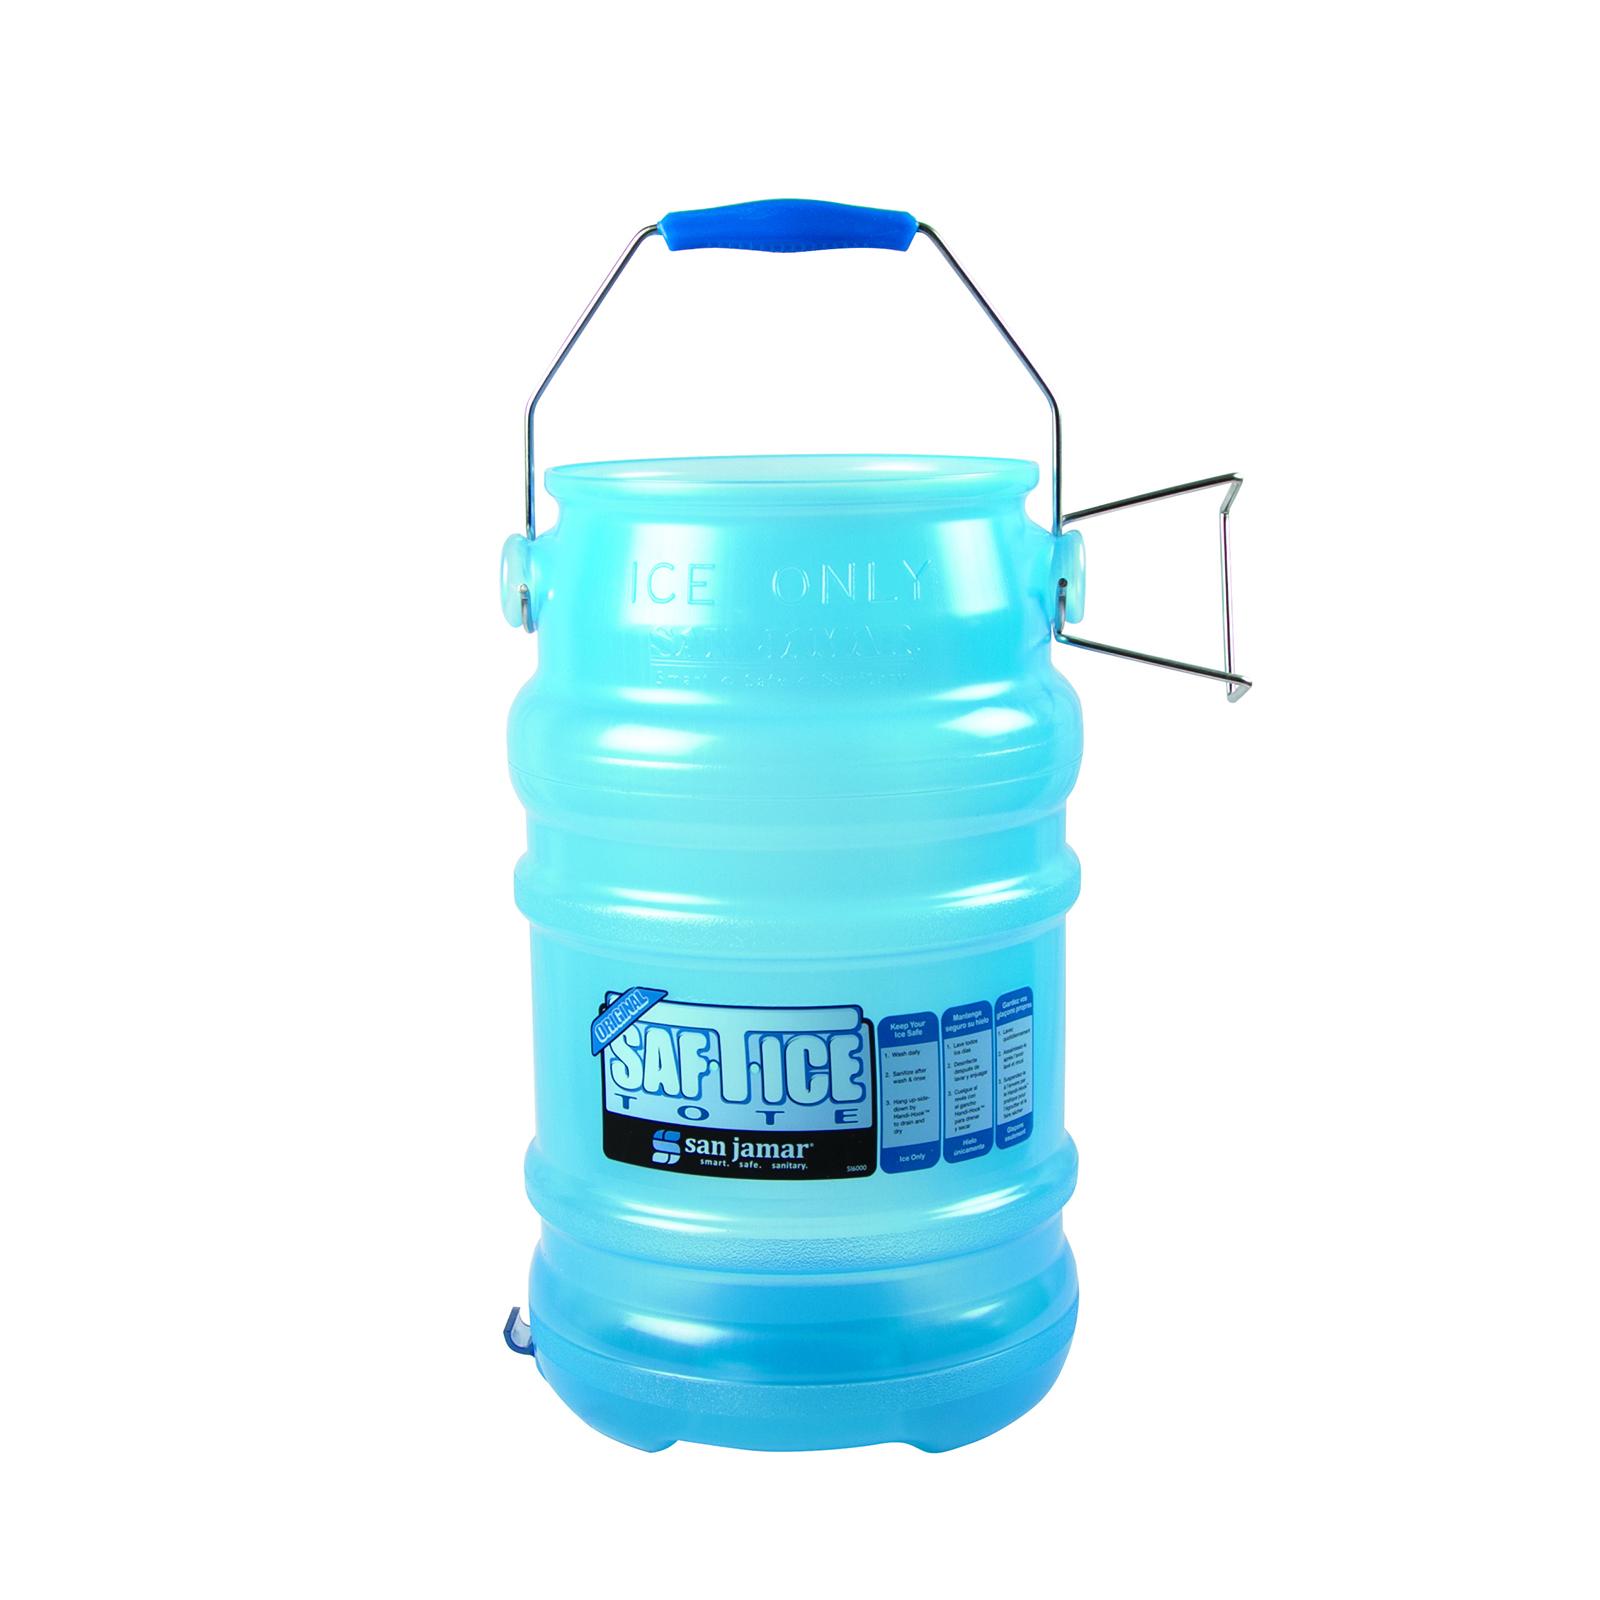 San Jamar SI6000BPAF ice tote